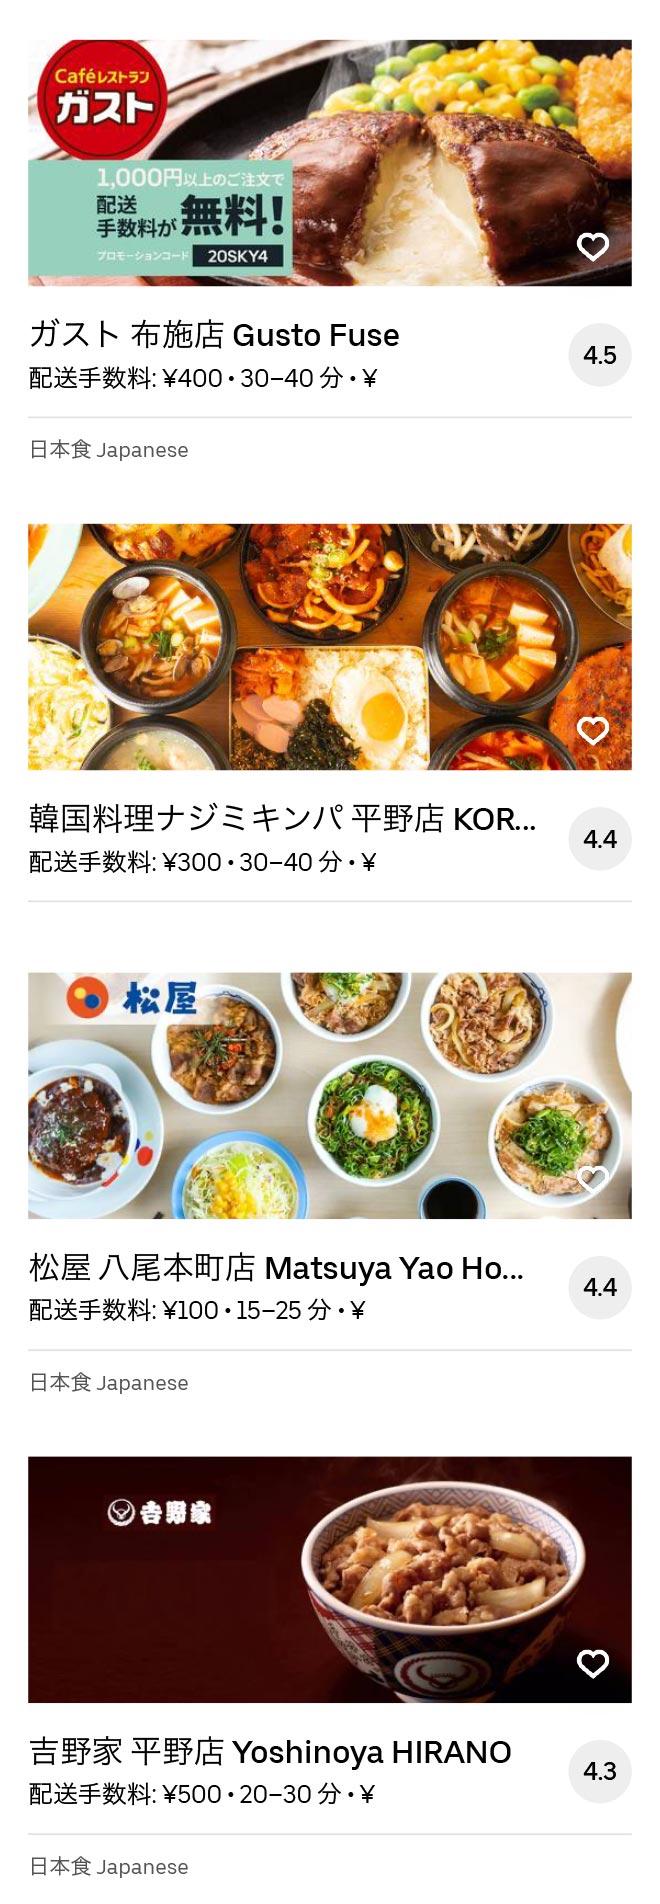 Osaka yao menu 2005 04